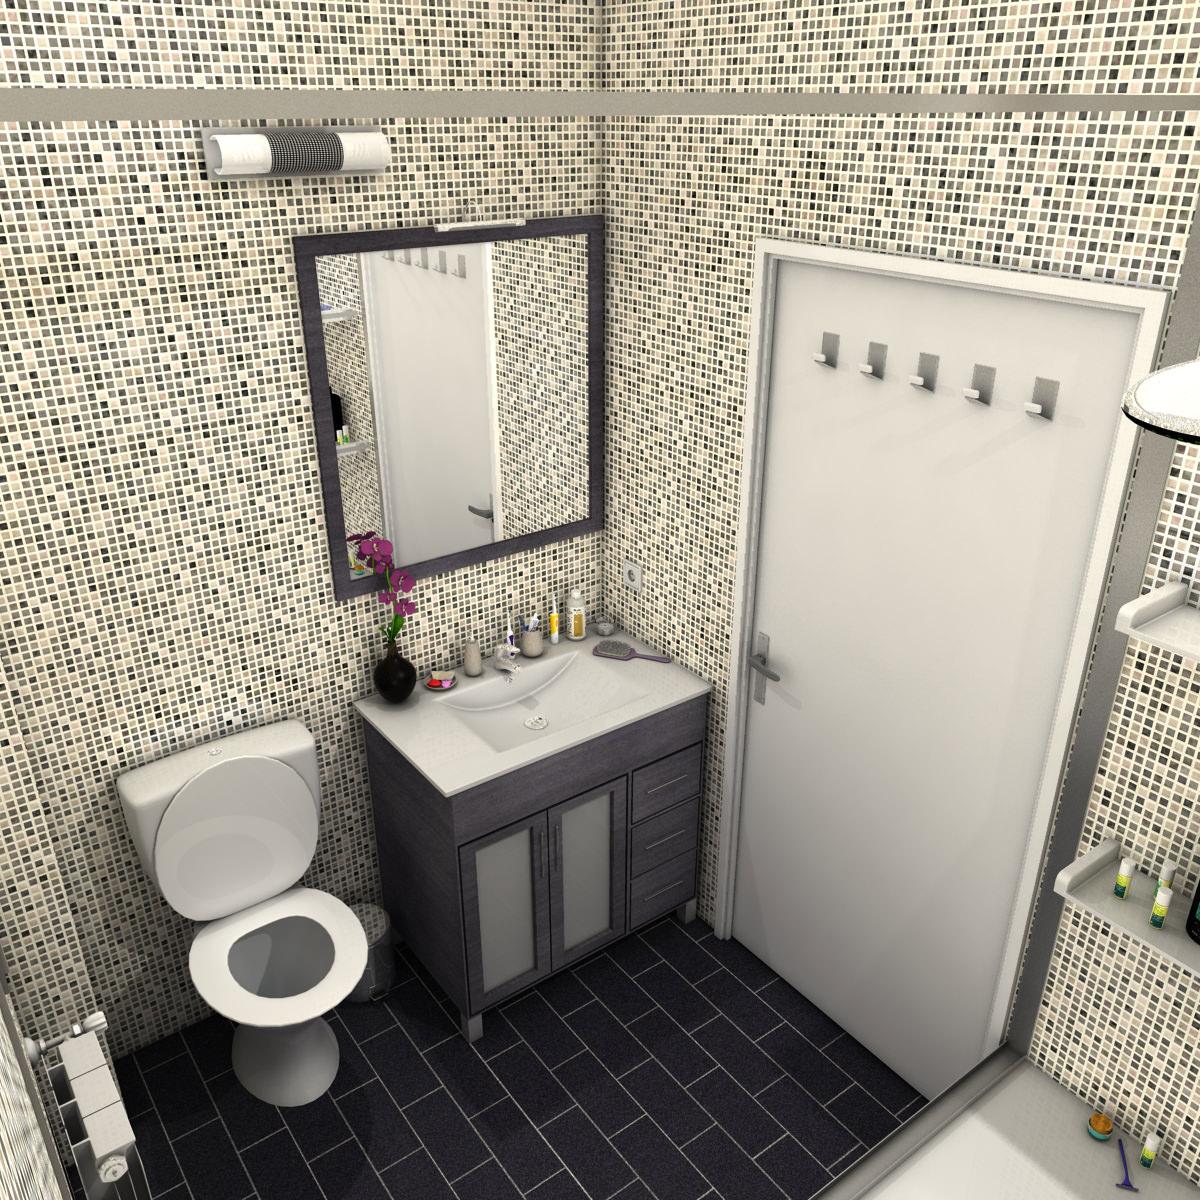 Bathroom 3d model max obj 3ds fbx c4d ma mb for 3d bathroom models